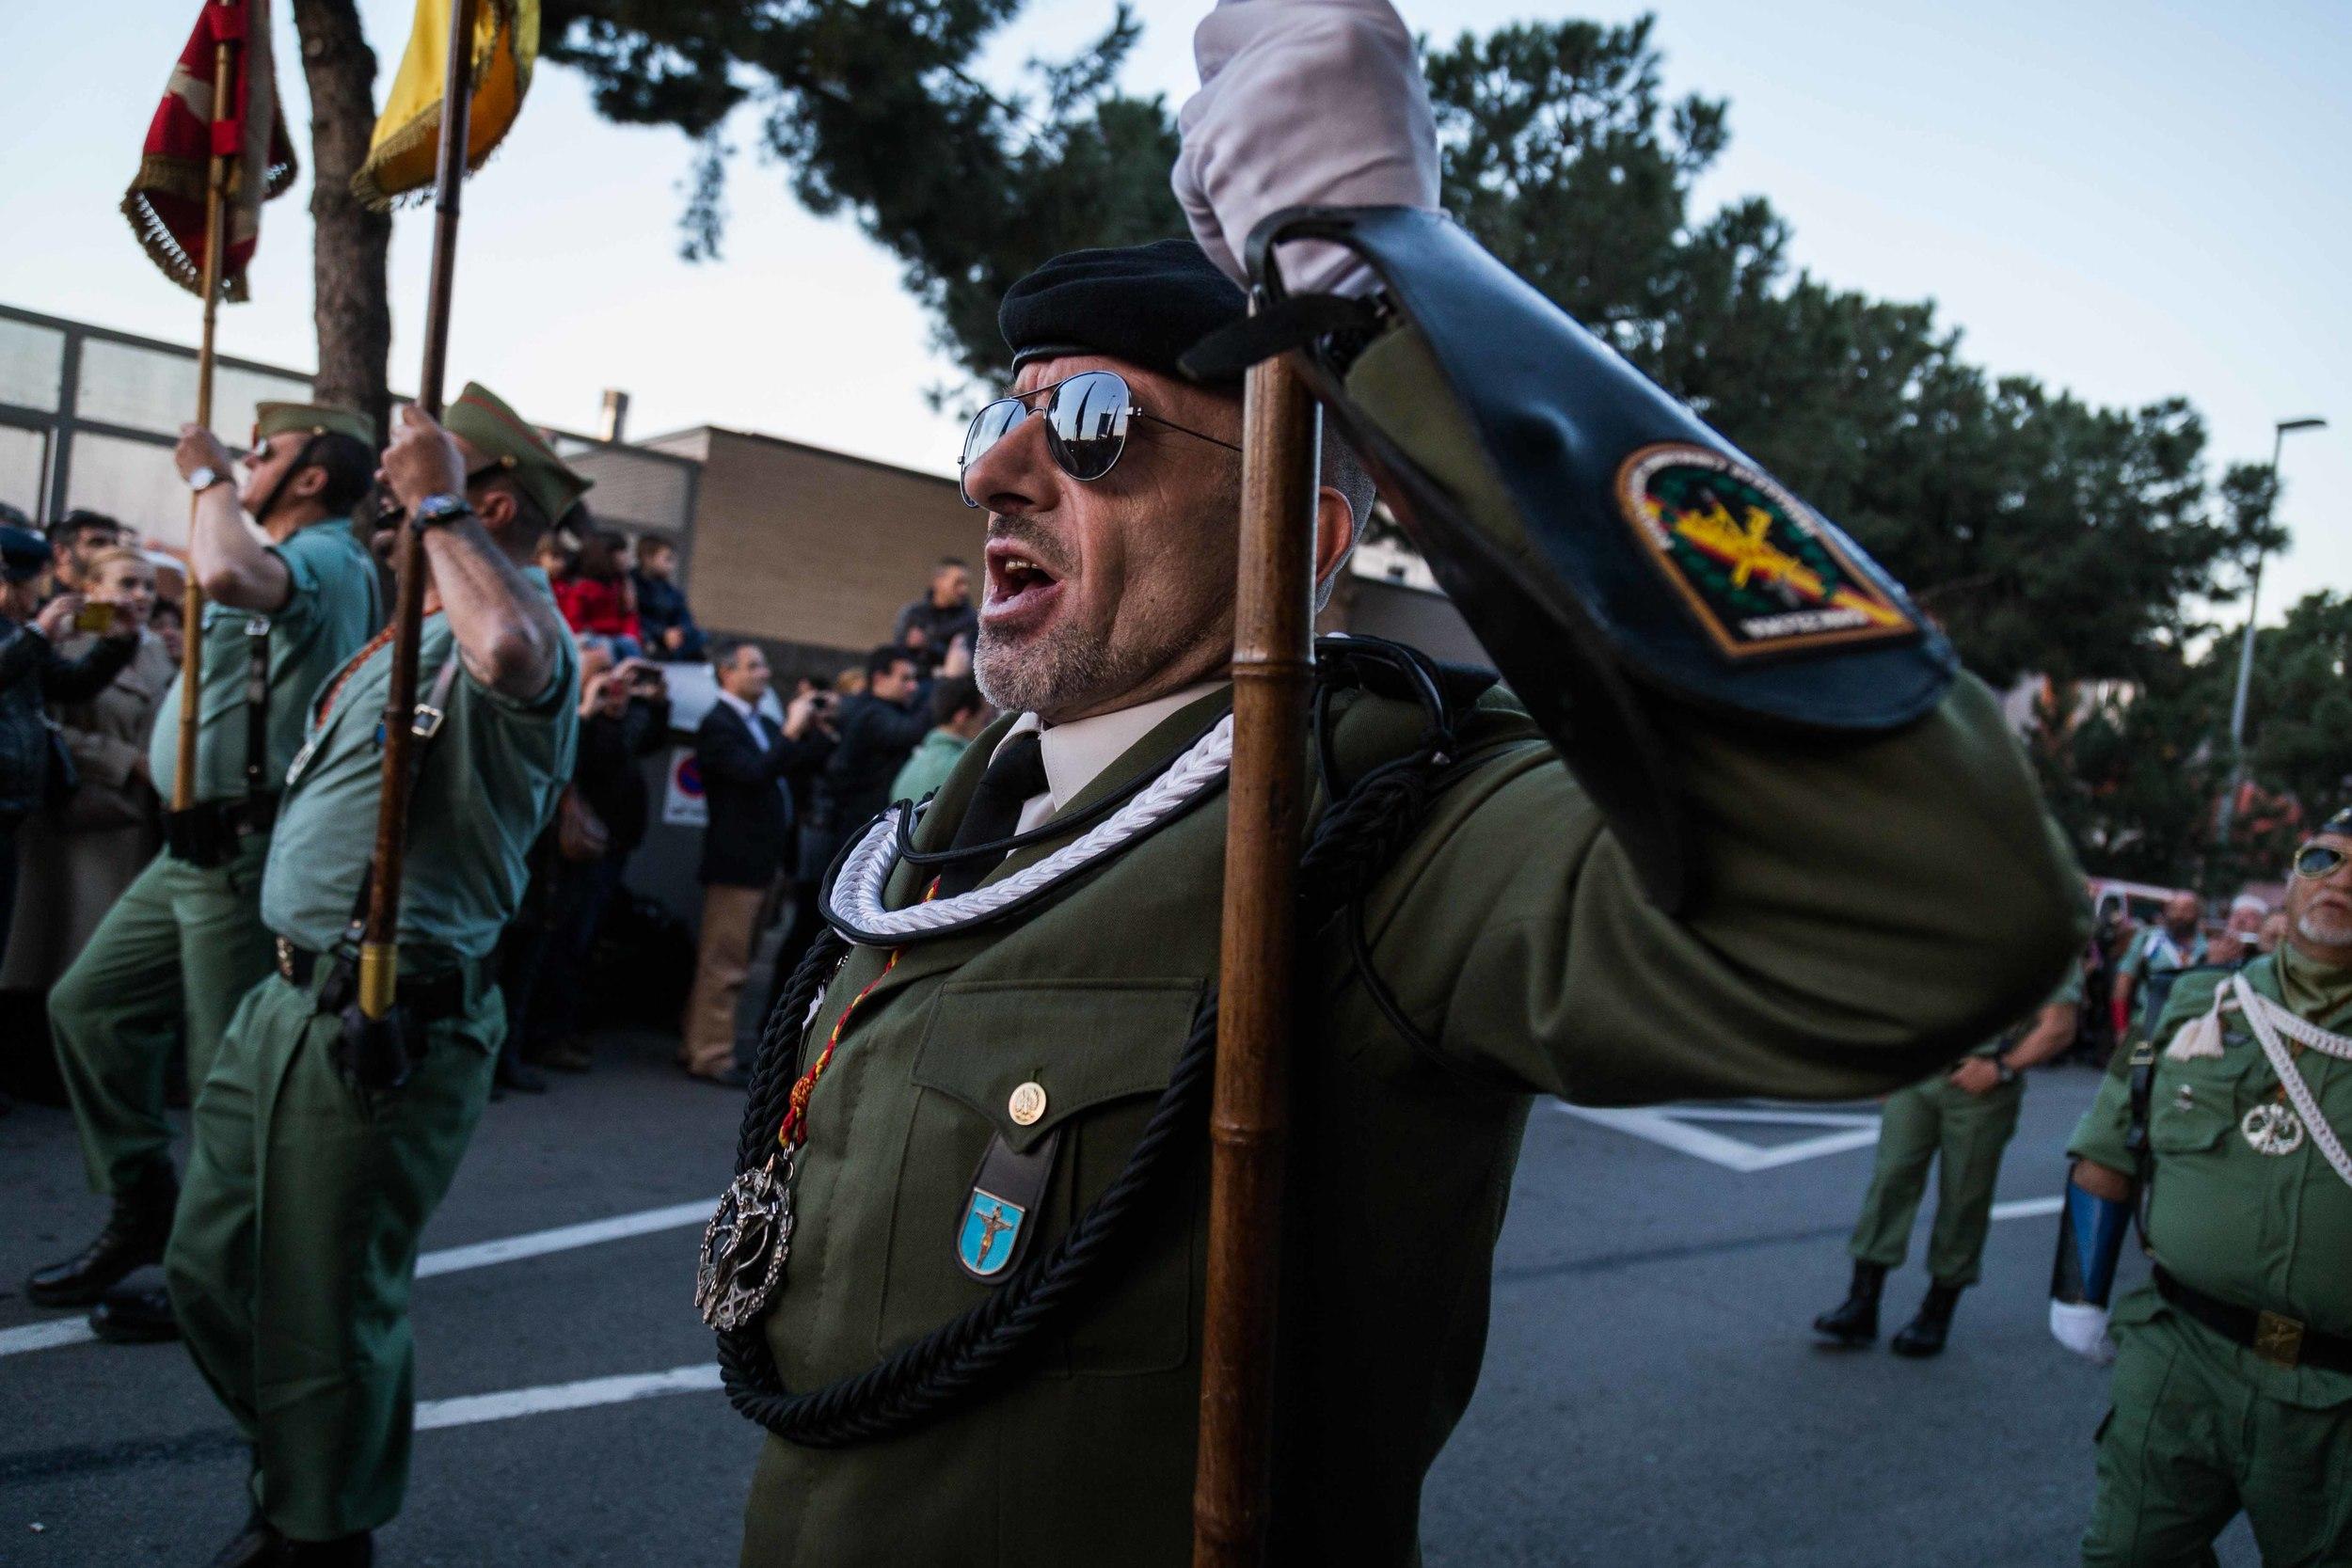 Procesión de los legionarios en l'Hospitalet del Llobregat